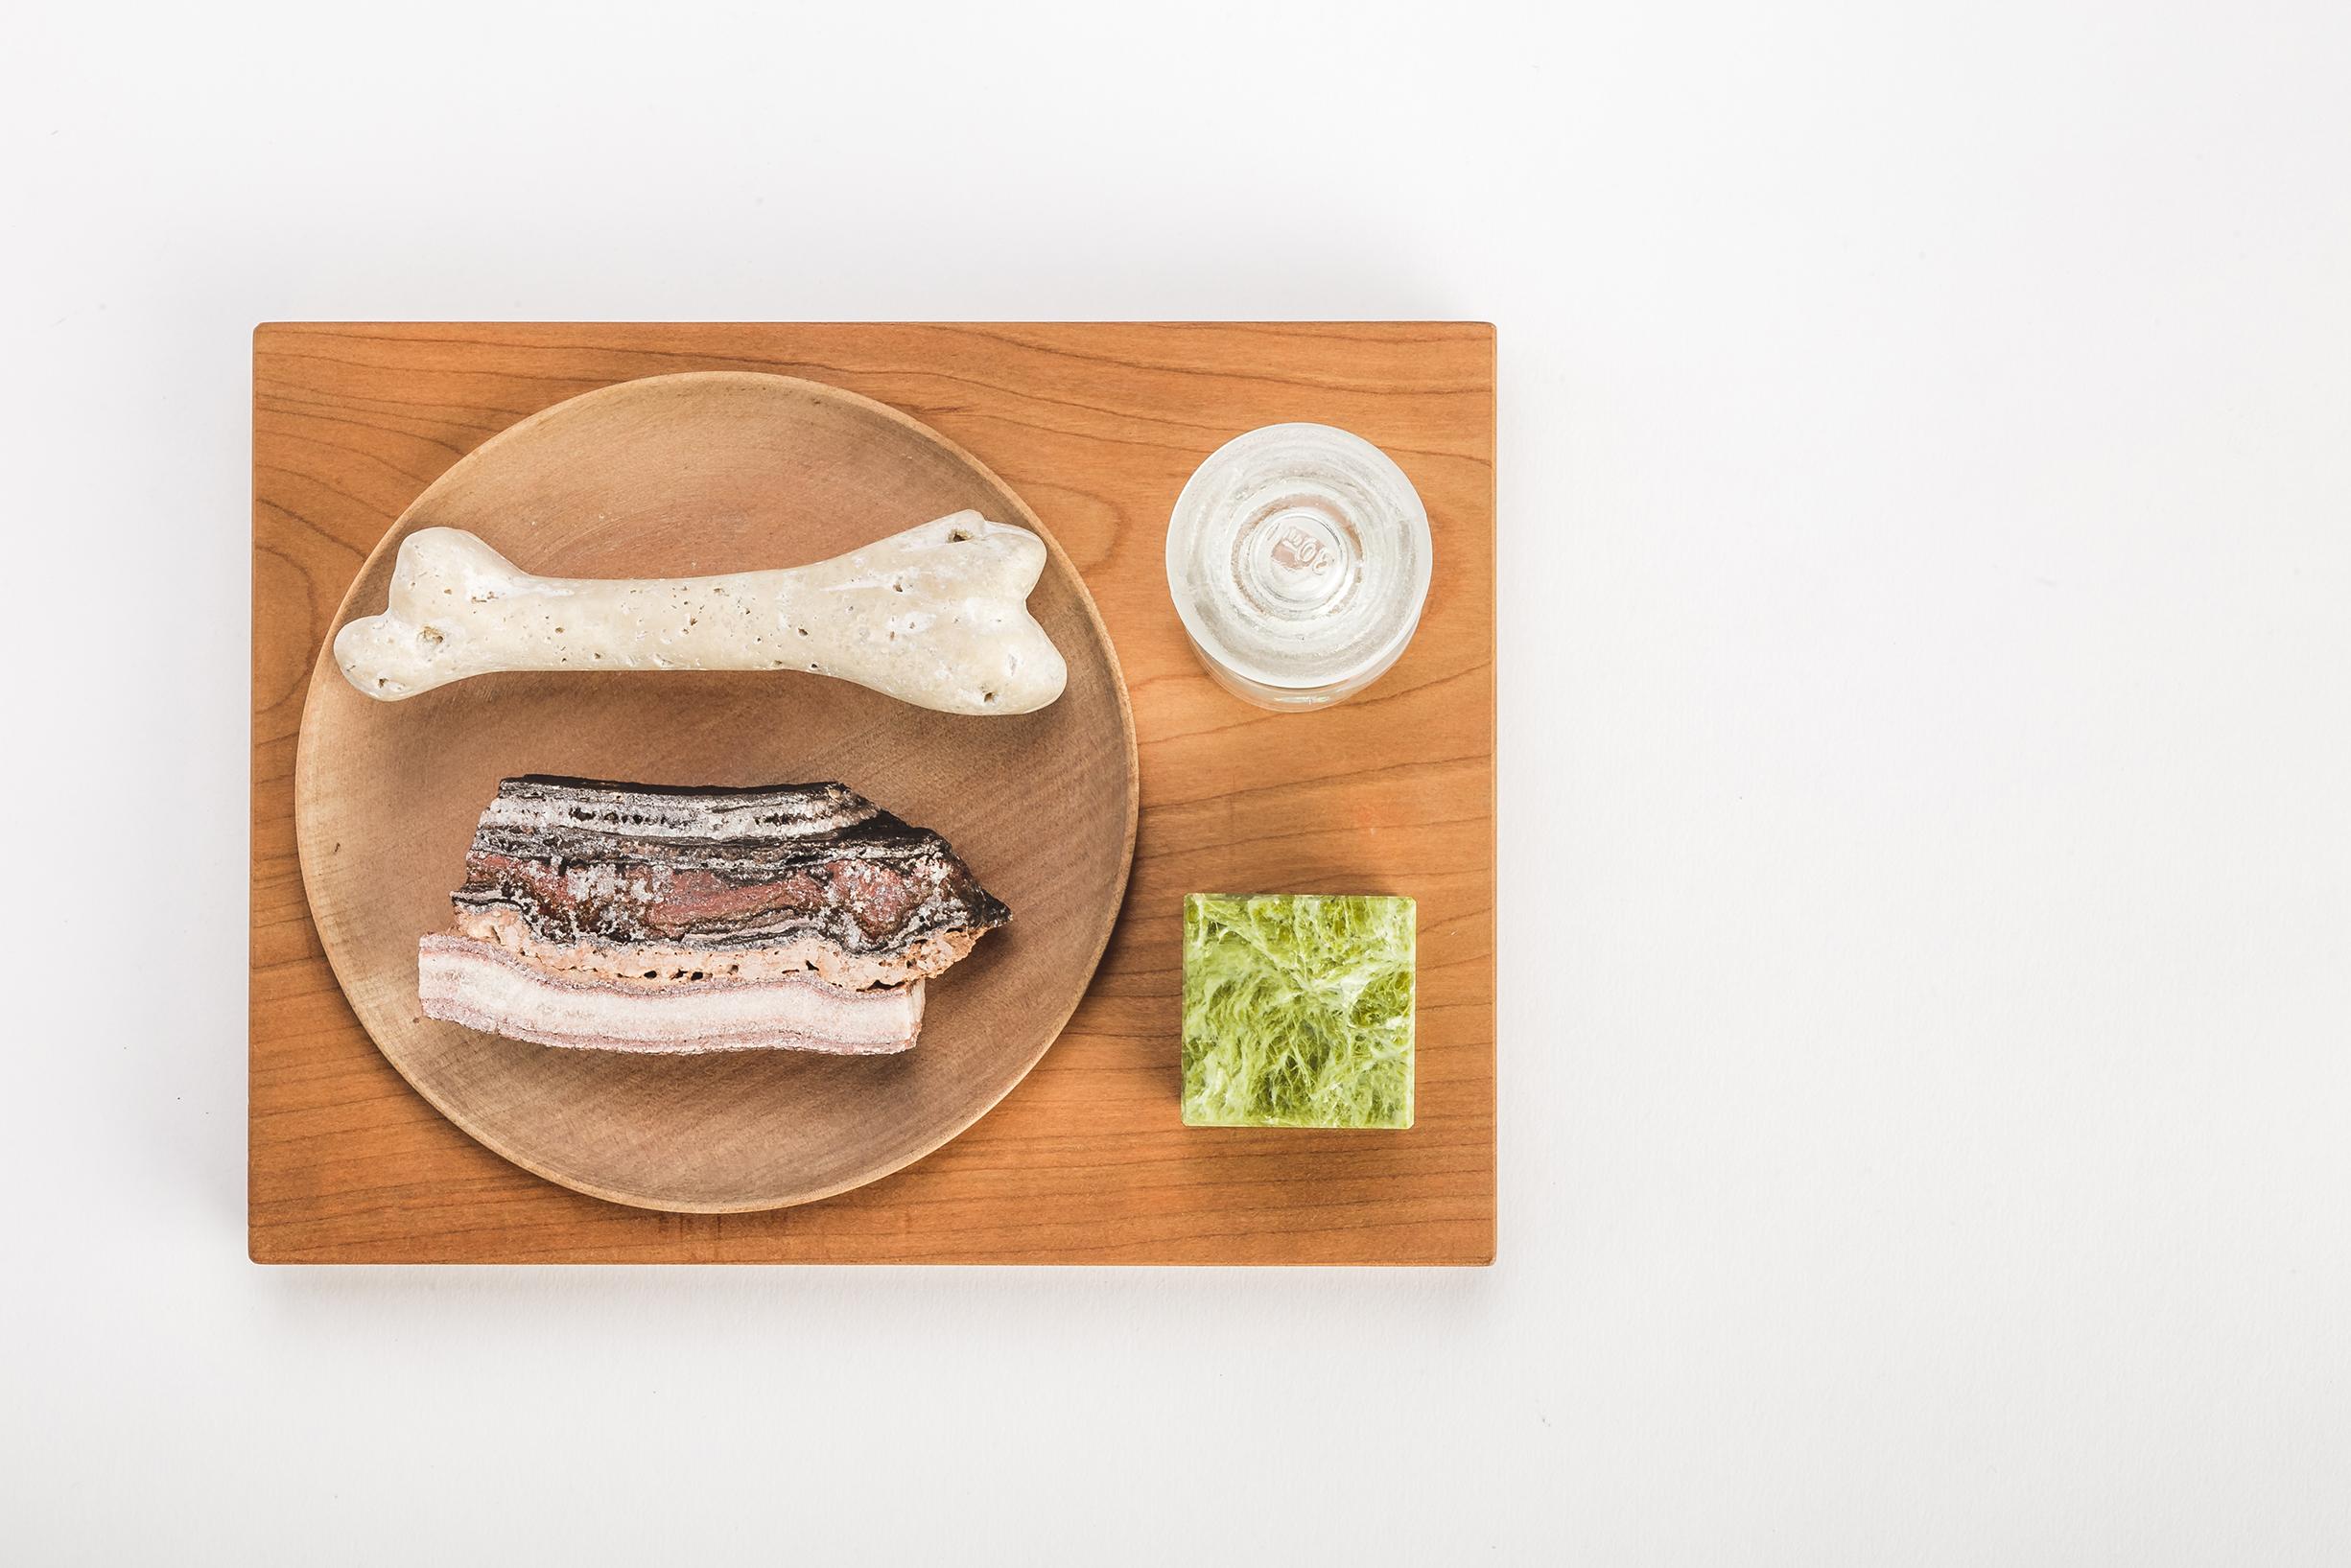 東海醫院 DHHs Design_The Meal_02.jpg